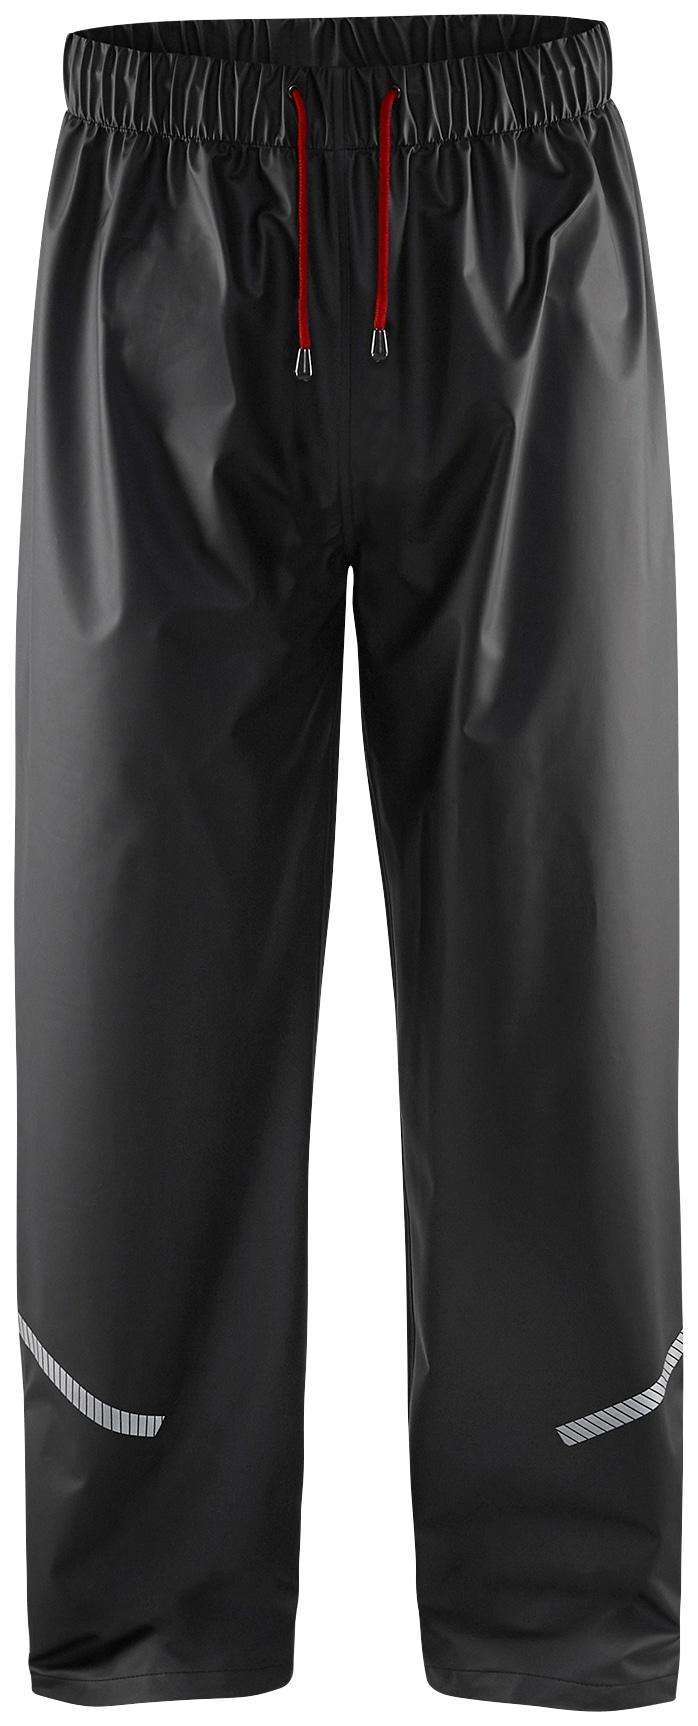 BLÅKLADER Regenhose Level 1 schwarz Herren Regenhosen Arbeitshosen Arbeits- Berufsbekleidung